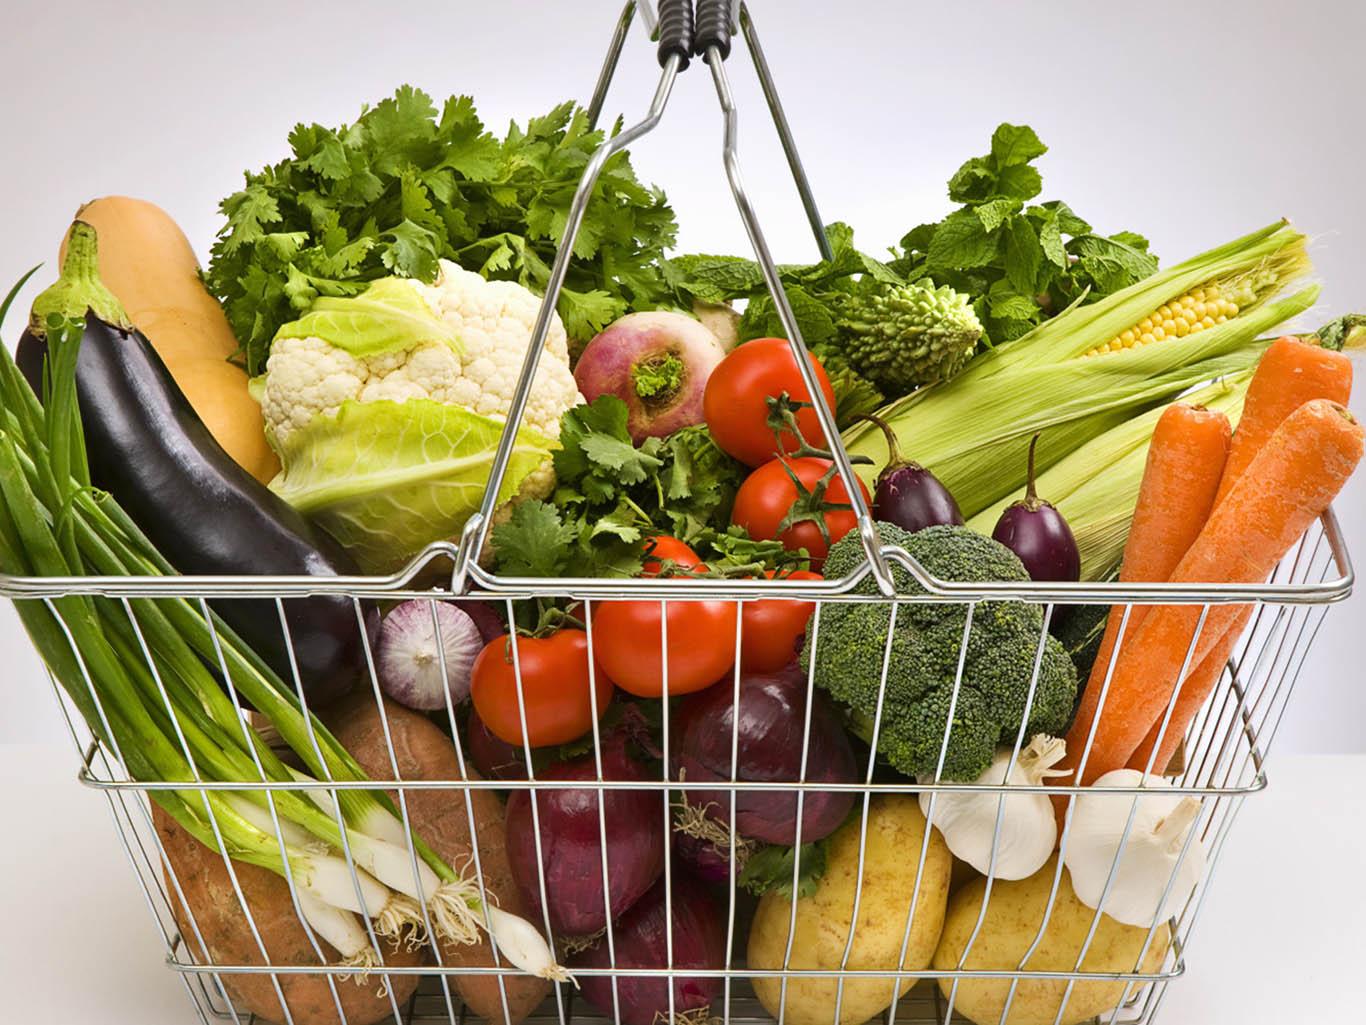 Набор продуктов для правильного питания должен учитывать особенности детского организма